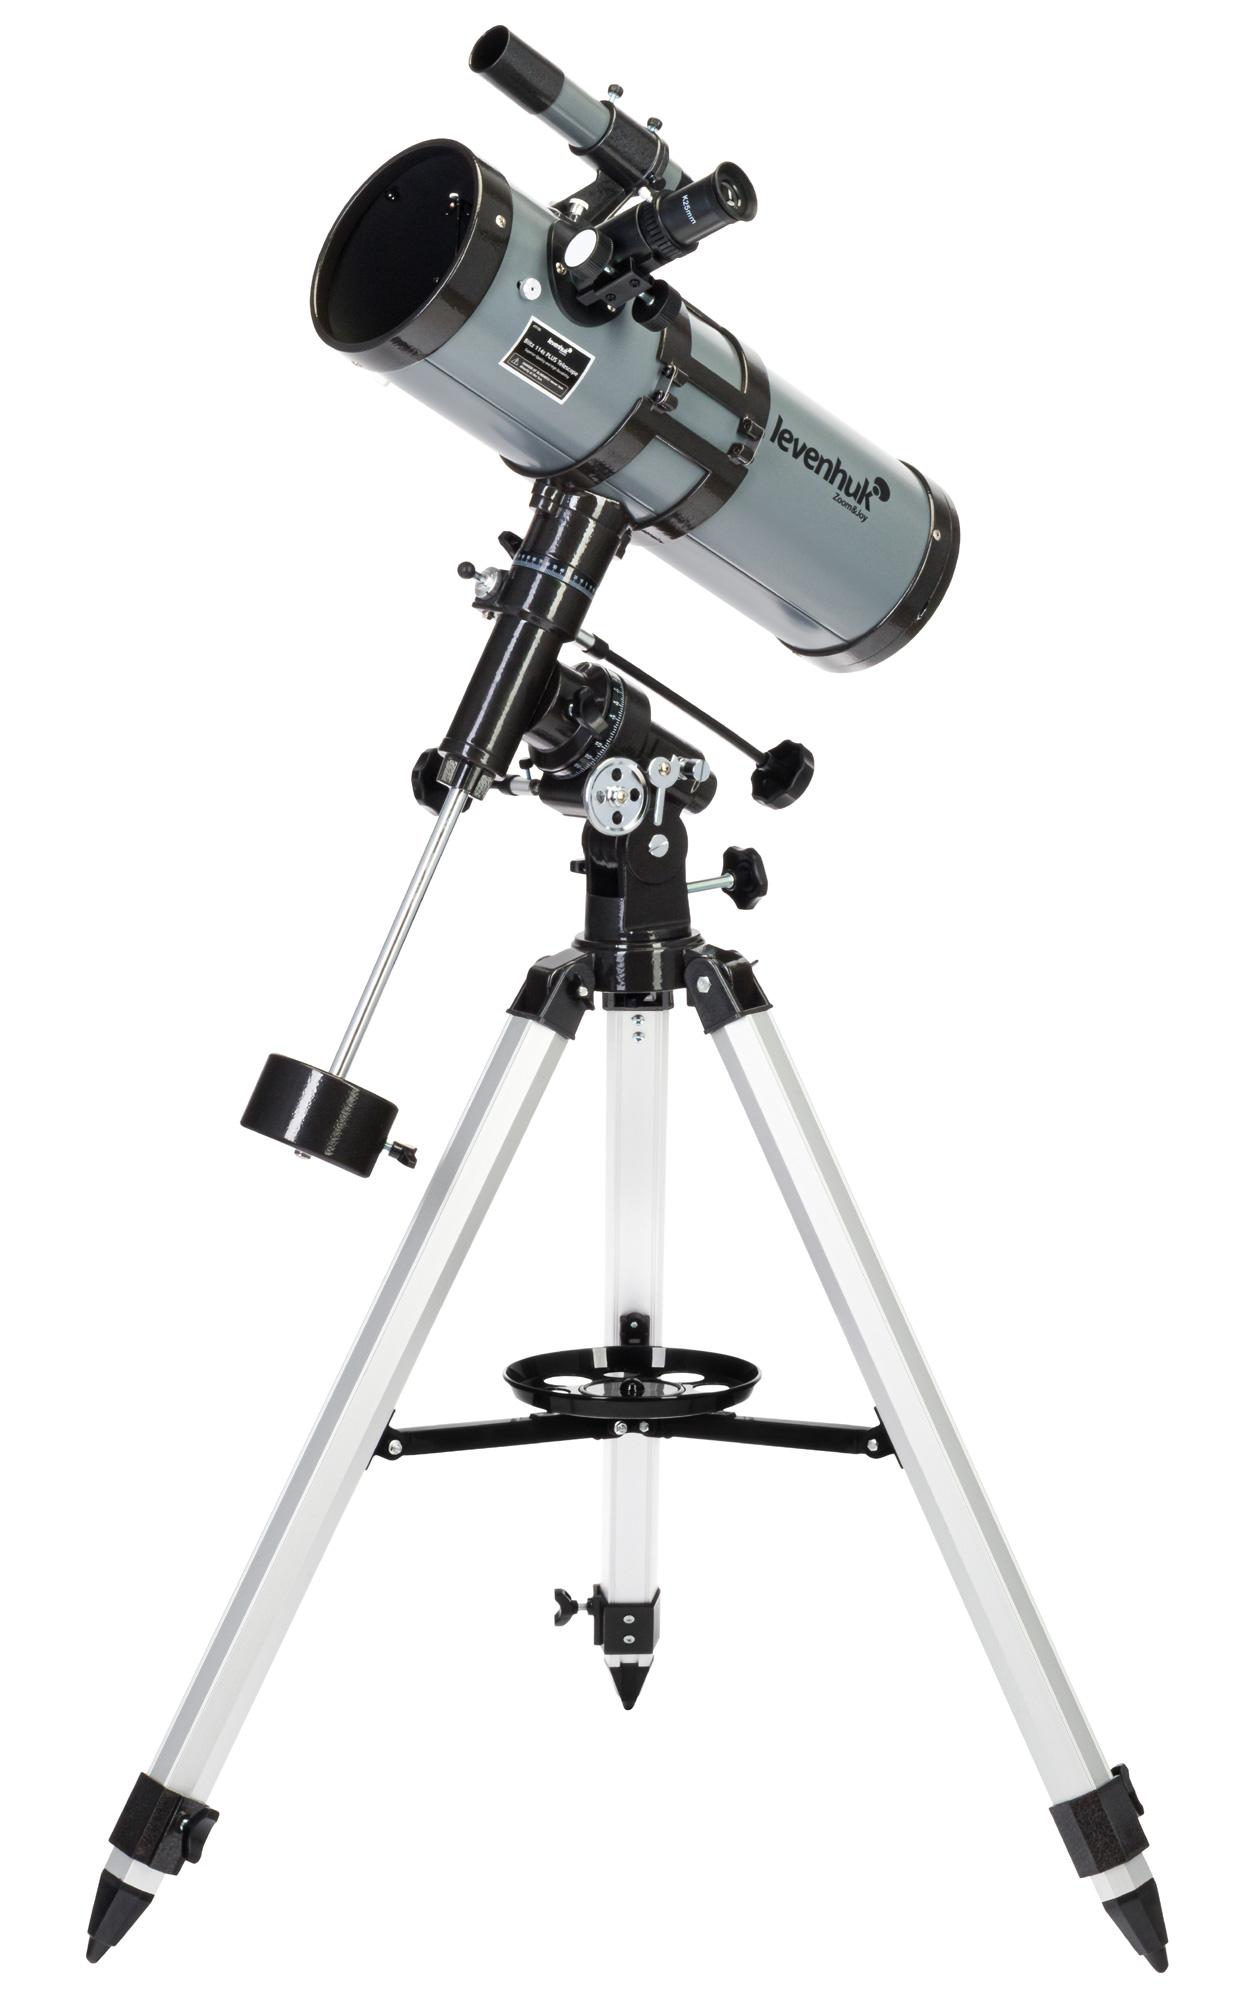 Картинка для Телескоп Levenhuk (Левенгук) Blitz 114s PLUS